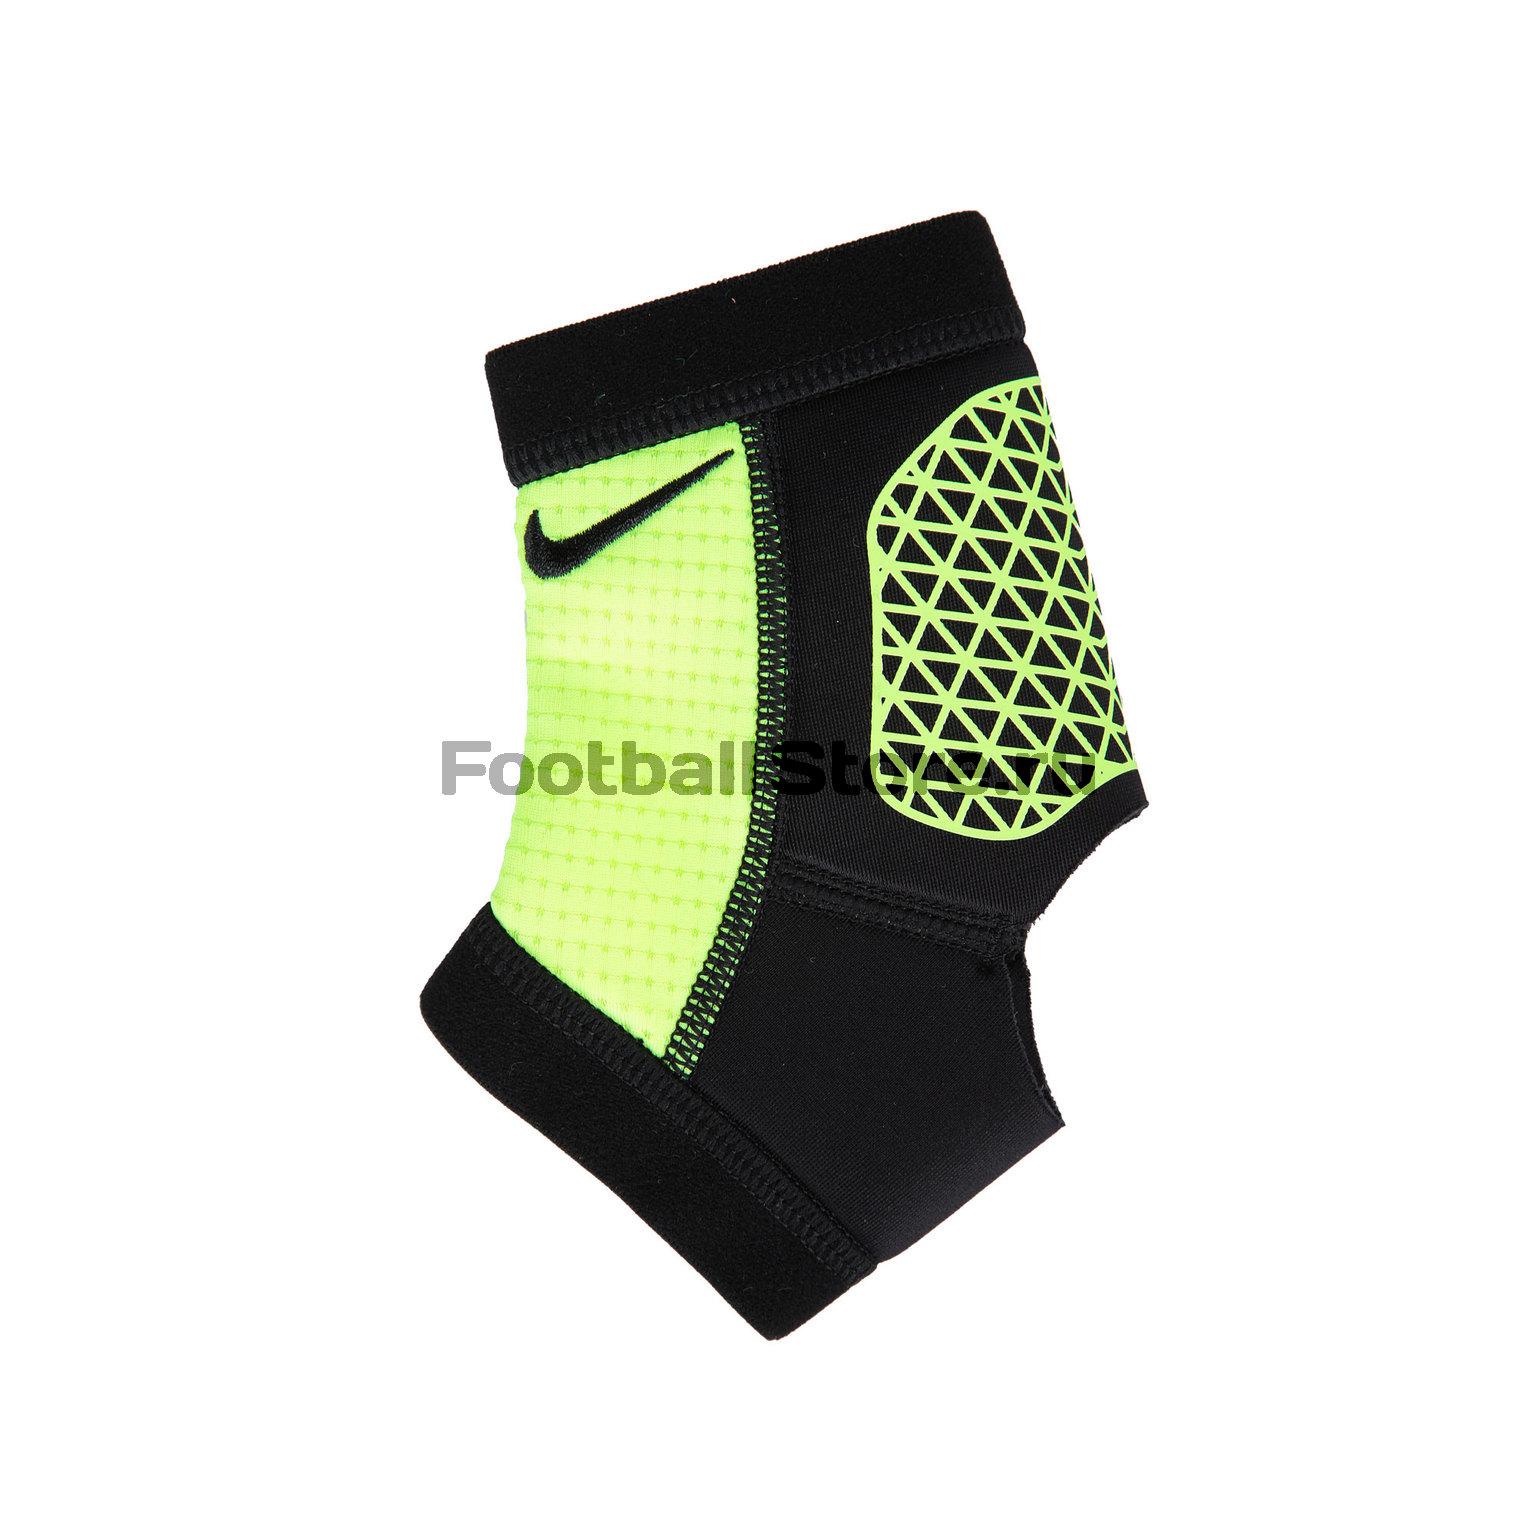 Бандаж Nike Pro Combat ANKLE N.MS.32.023 нижнее белье nike 654876 341 pro combat